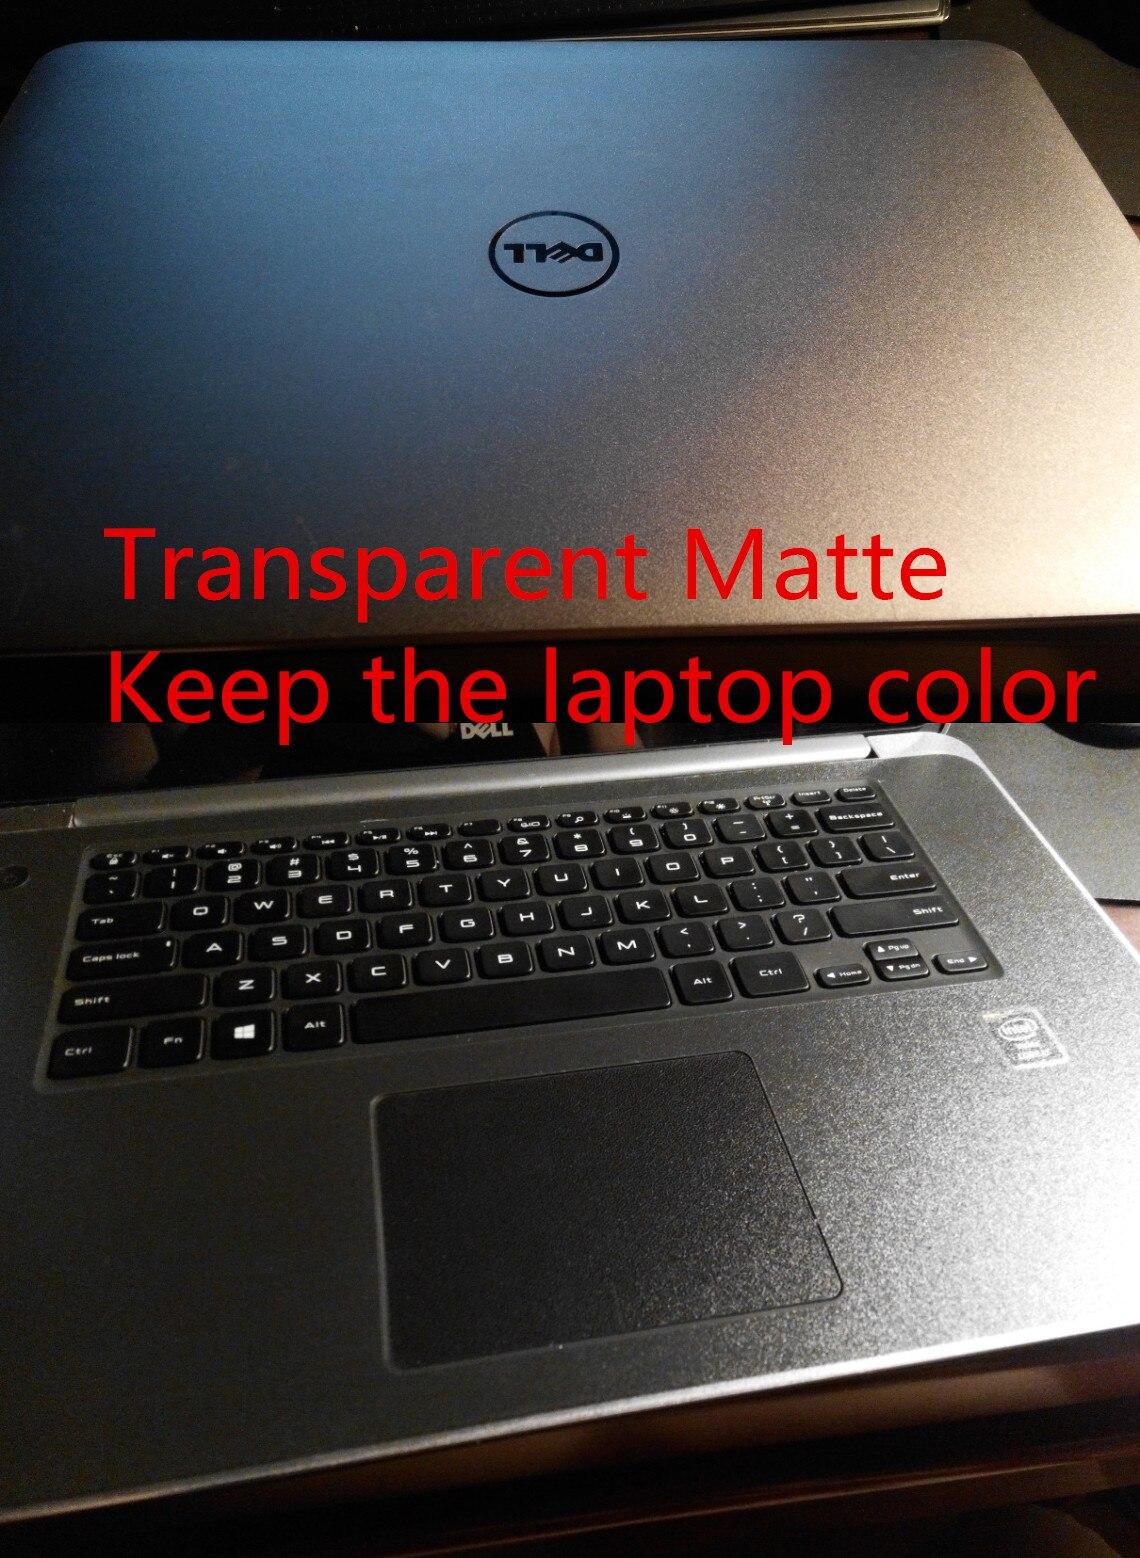 Специальные виниловые наклейки для ноутбука из углеродного волокна для ASUS G75 G75VW G75VX 17,3 дюйма - Цвет: Transparent Matte